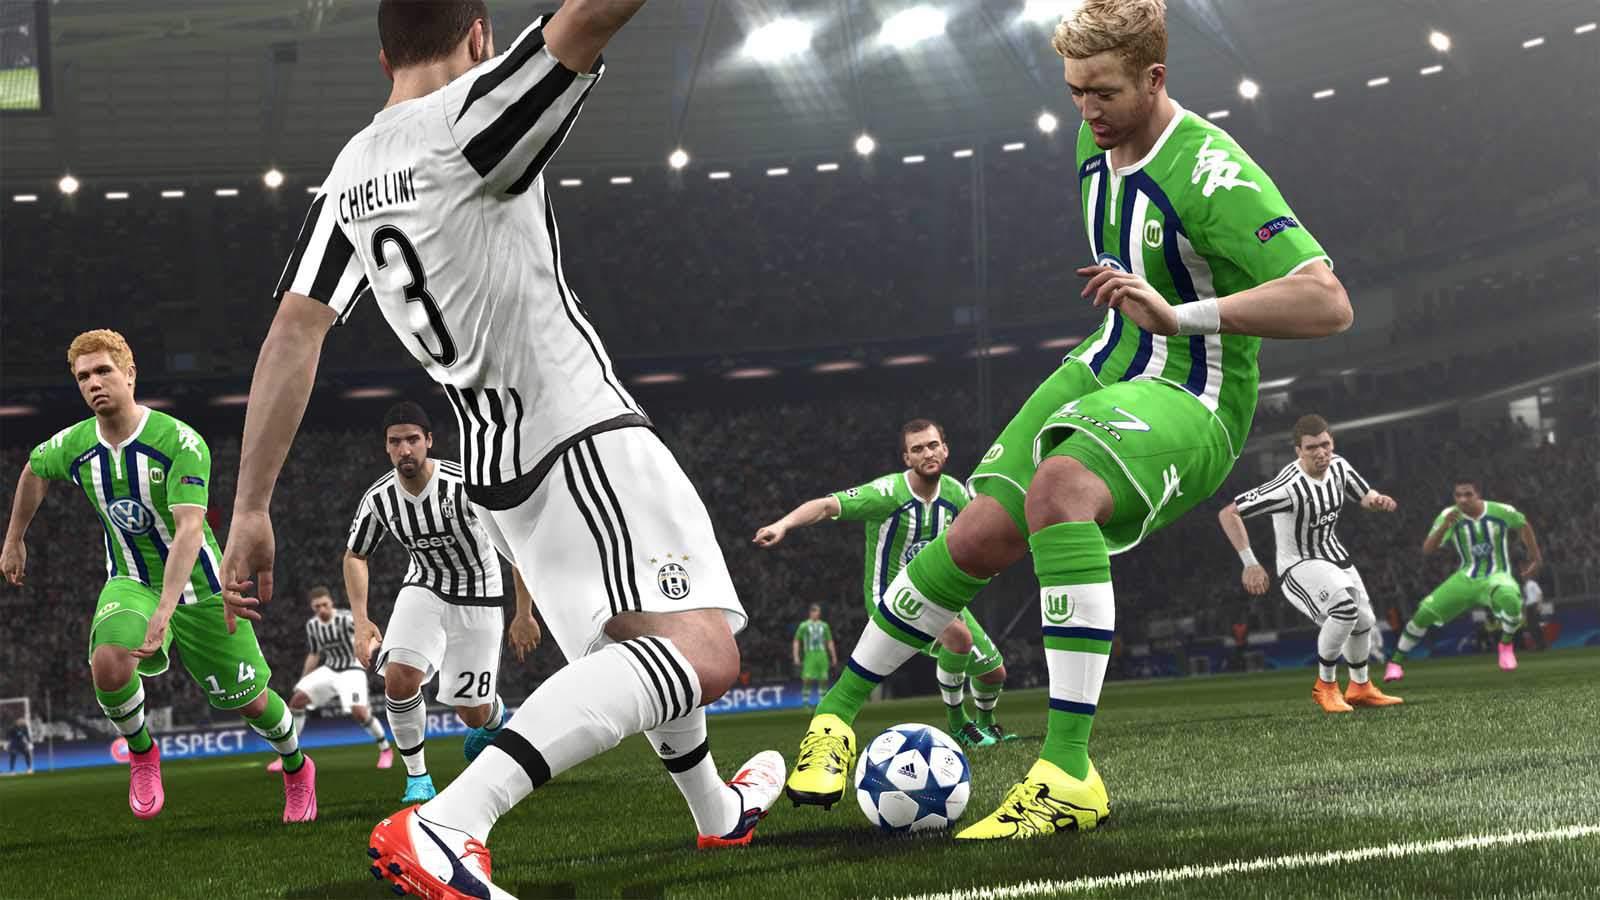 تحميل لعبة PES 2016 Repack مضغوطة كاملة بروابط مباشرة مجانا